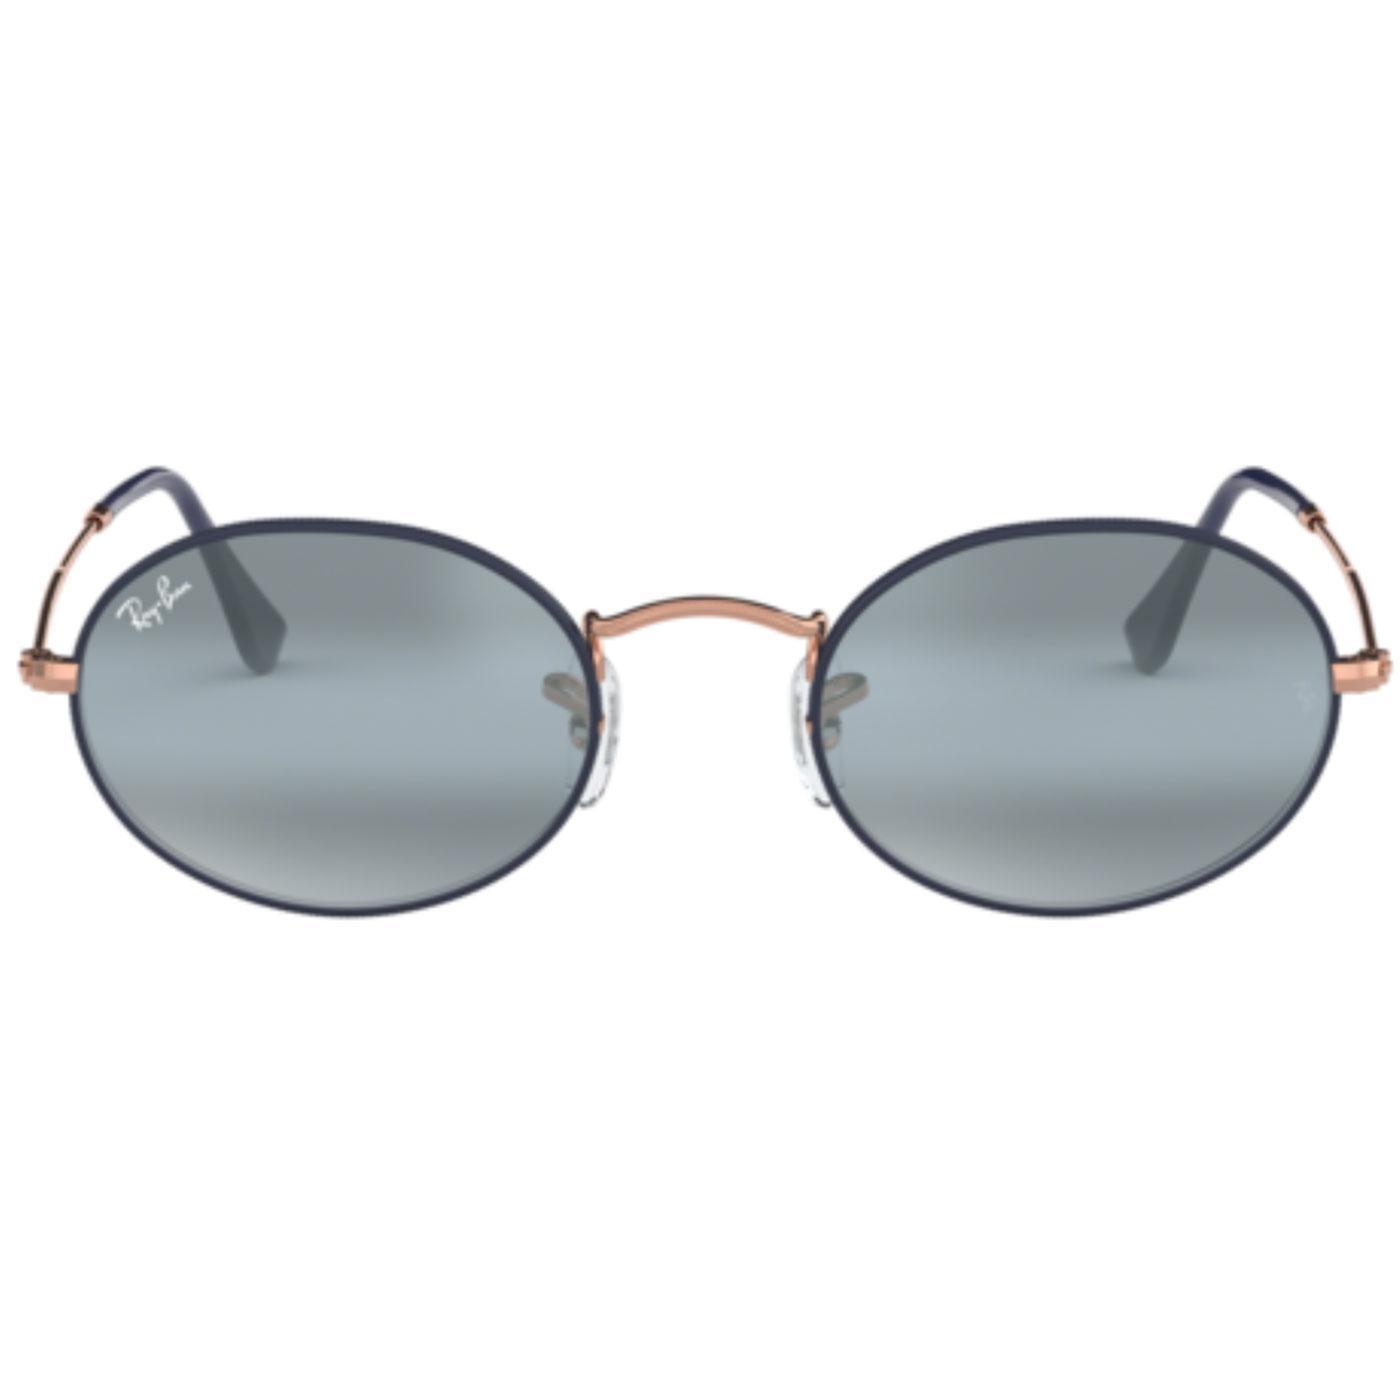 RAY-BAN Oval Retro 60s Mod Sunglasses Copper/Blue